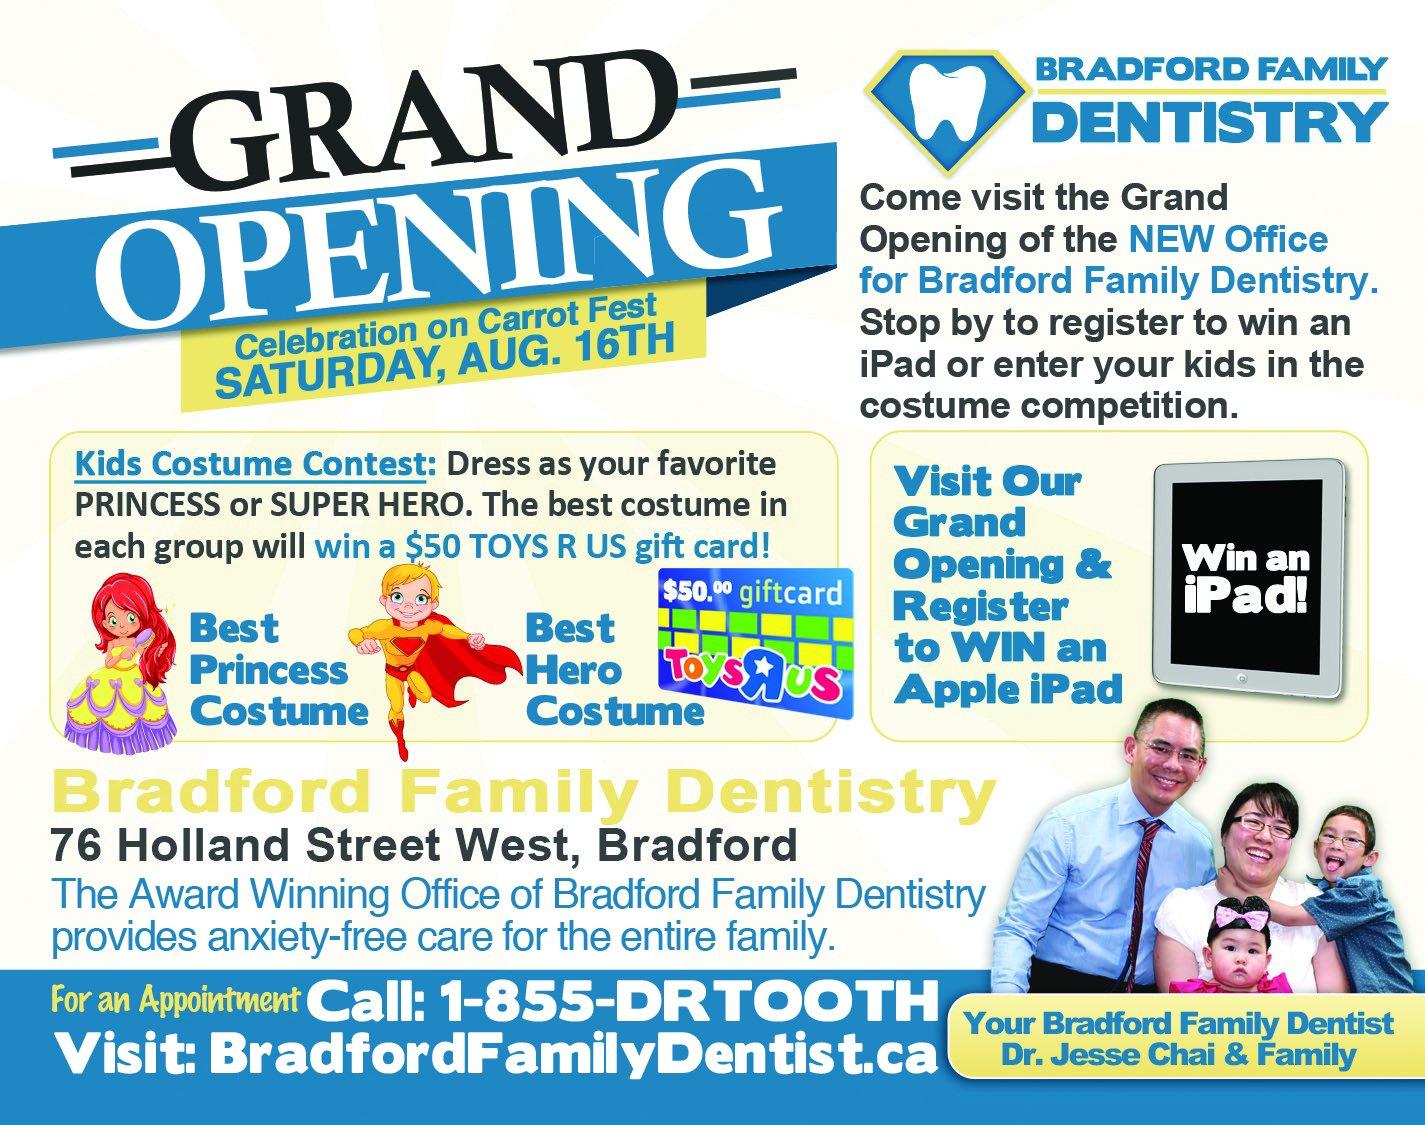 Bradford Family Dentistry - Carrot Fest